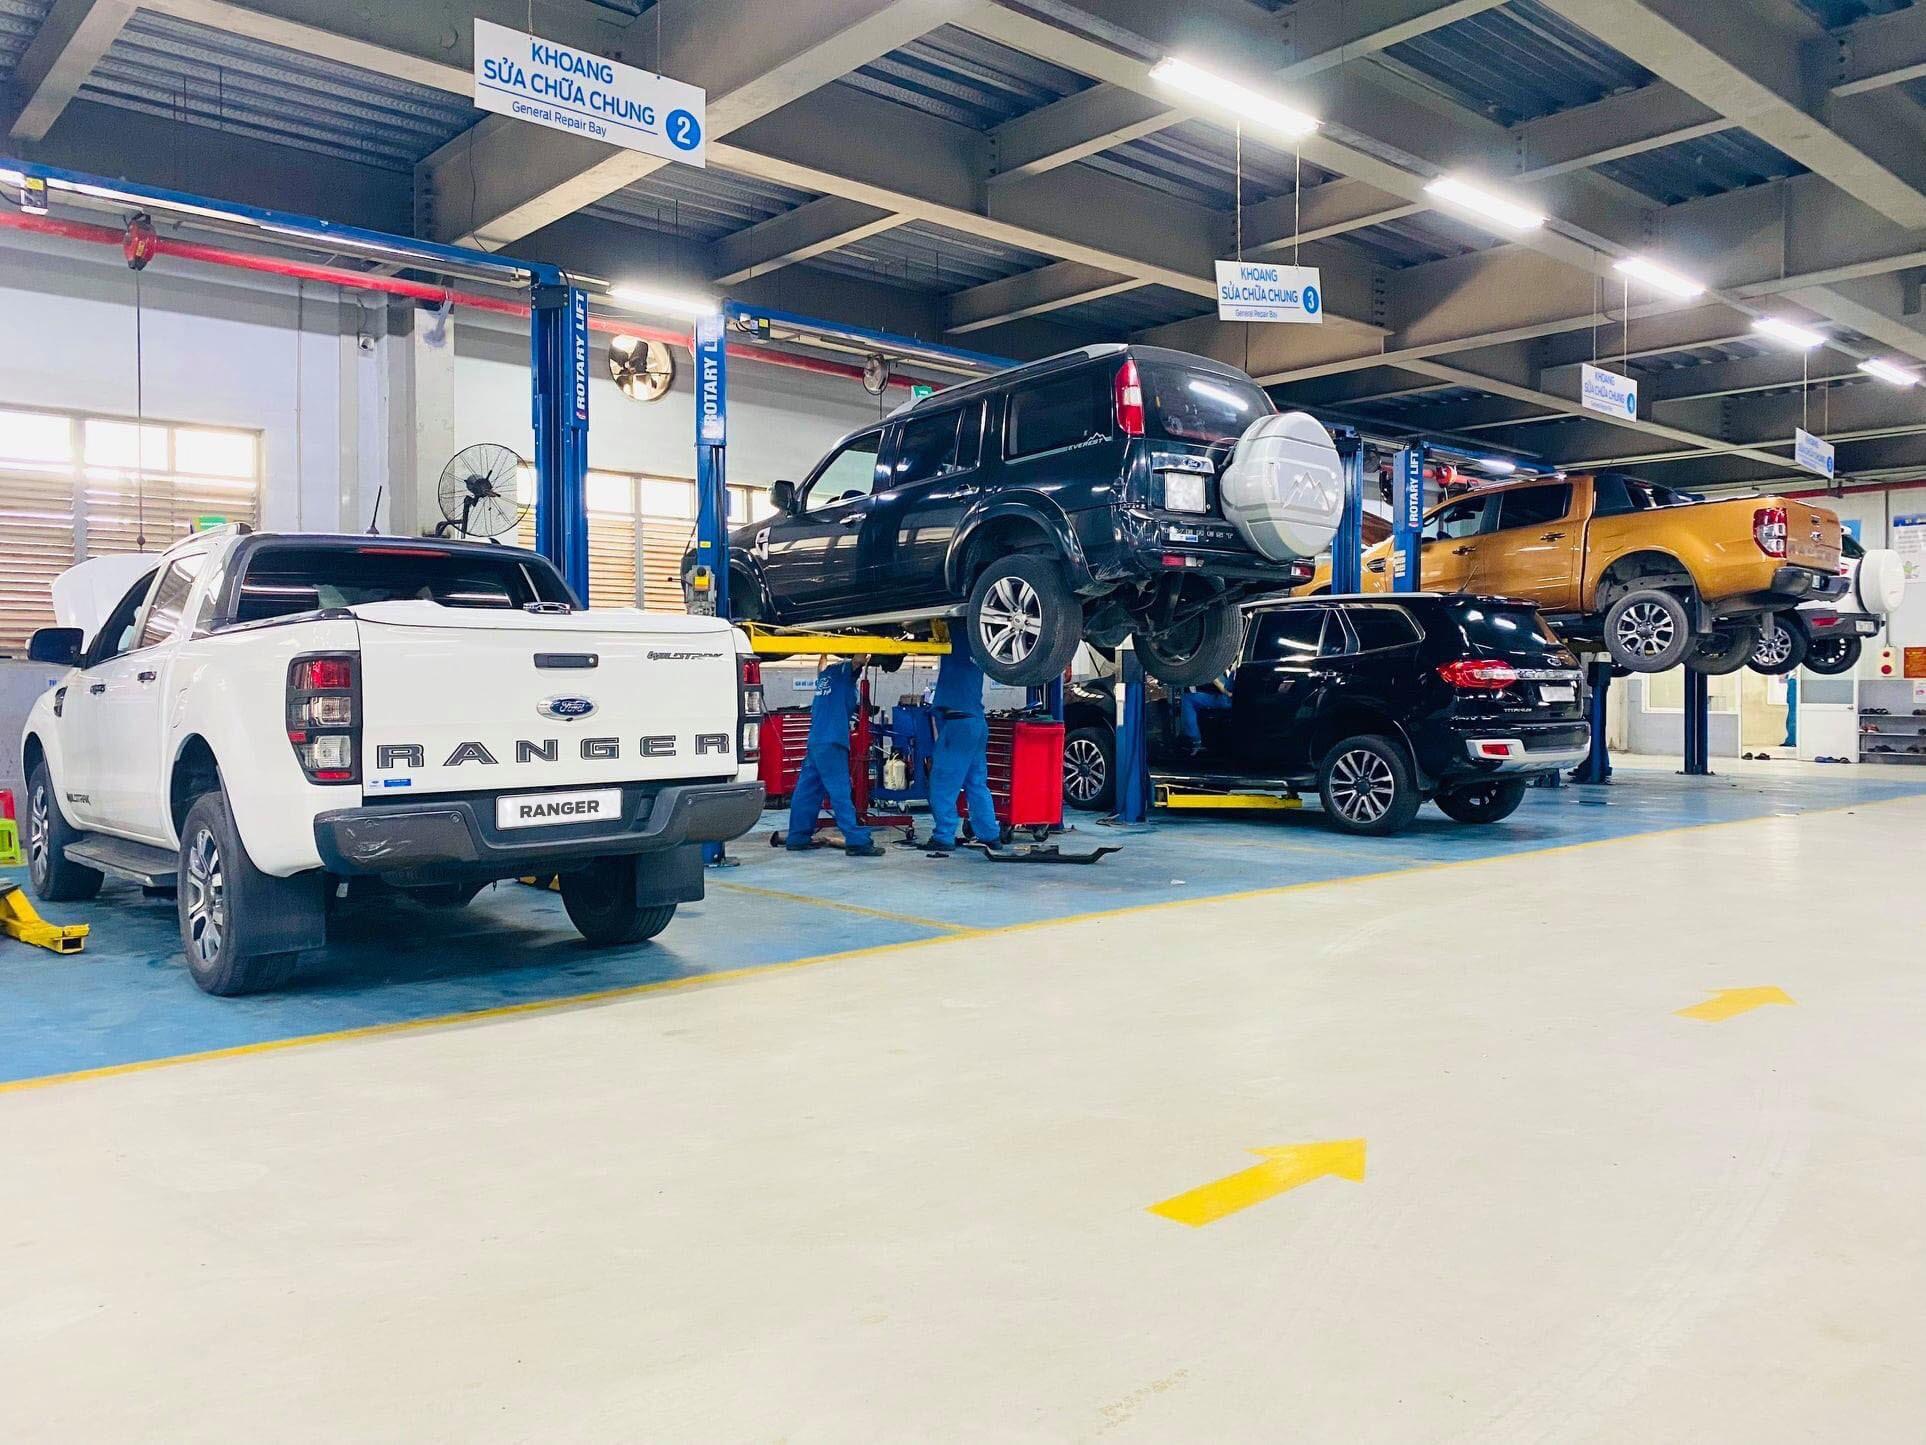 Khu vực sửa chữa tại một đại lý của Ford Việt Nam.